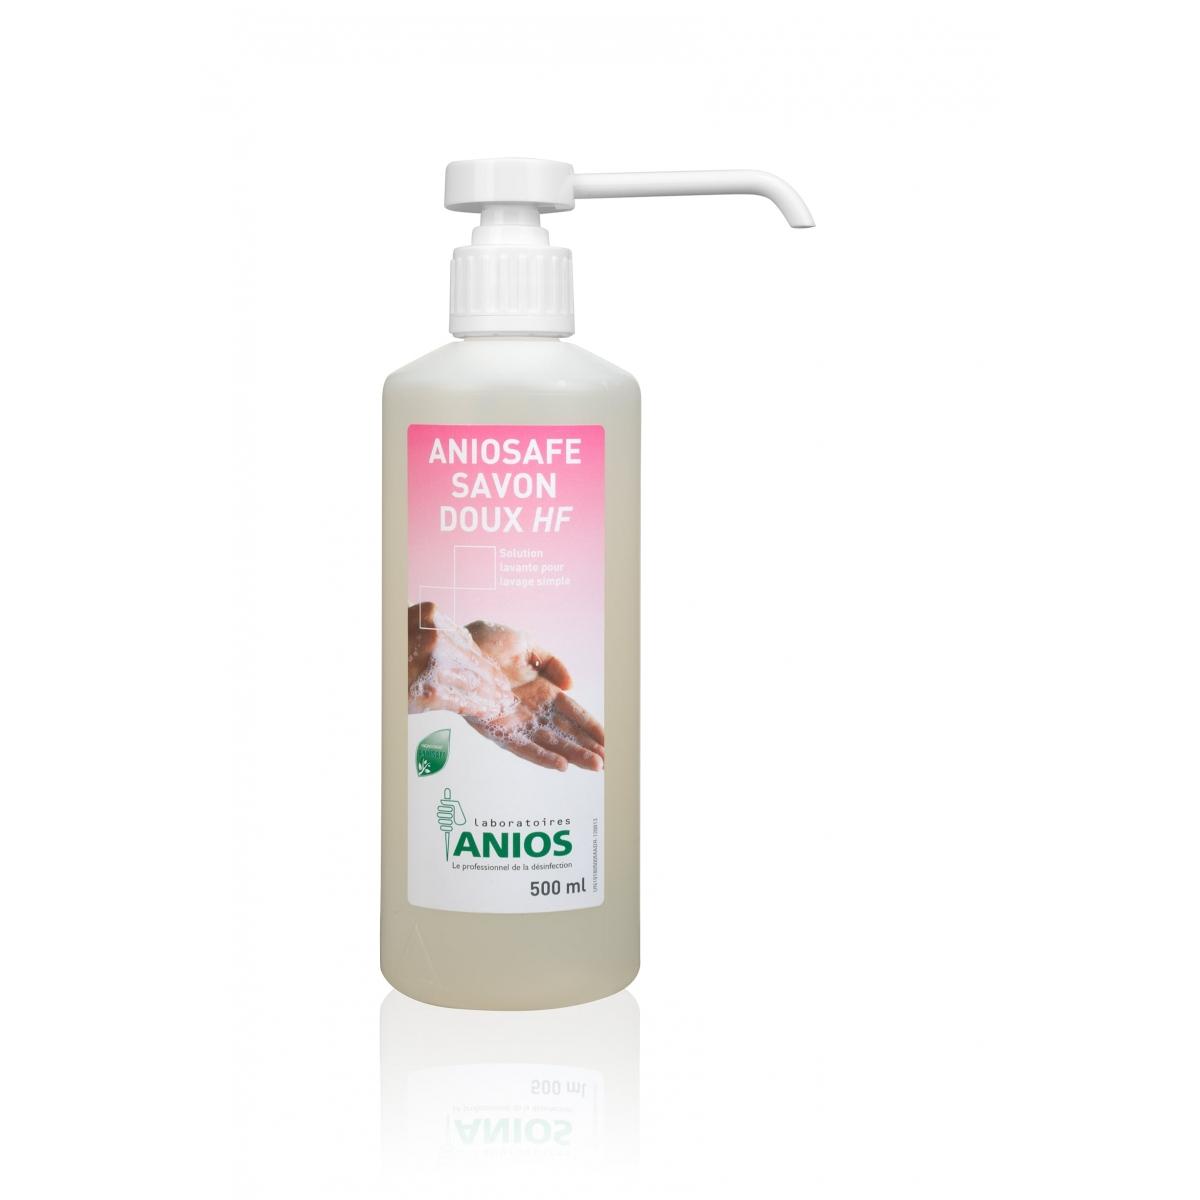 Hygiène - ANIOSAFE SAVON DOUX HF 500 ml